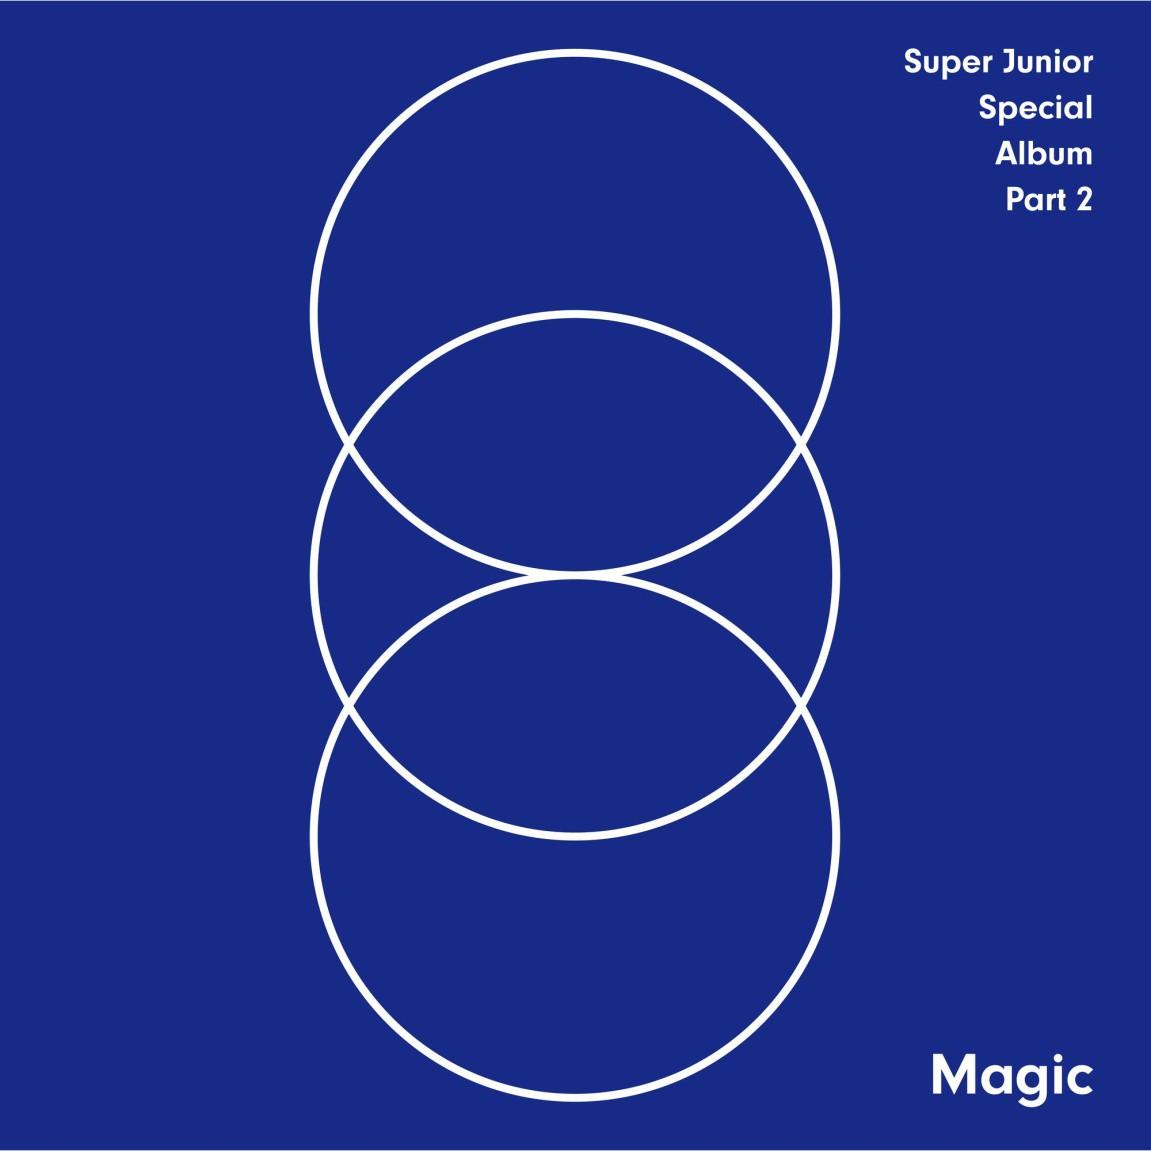 Thần tượng thế hệ 2 của Kpop như DBSK, SNSD, SuJu...: Vẫn là nghệ sĩ hay chỉ còn là những con gà đẻ trứng vàng? - Ảnh 7.